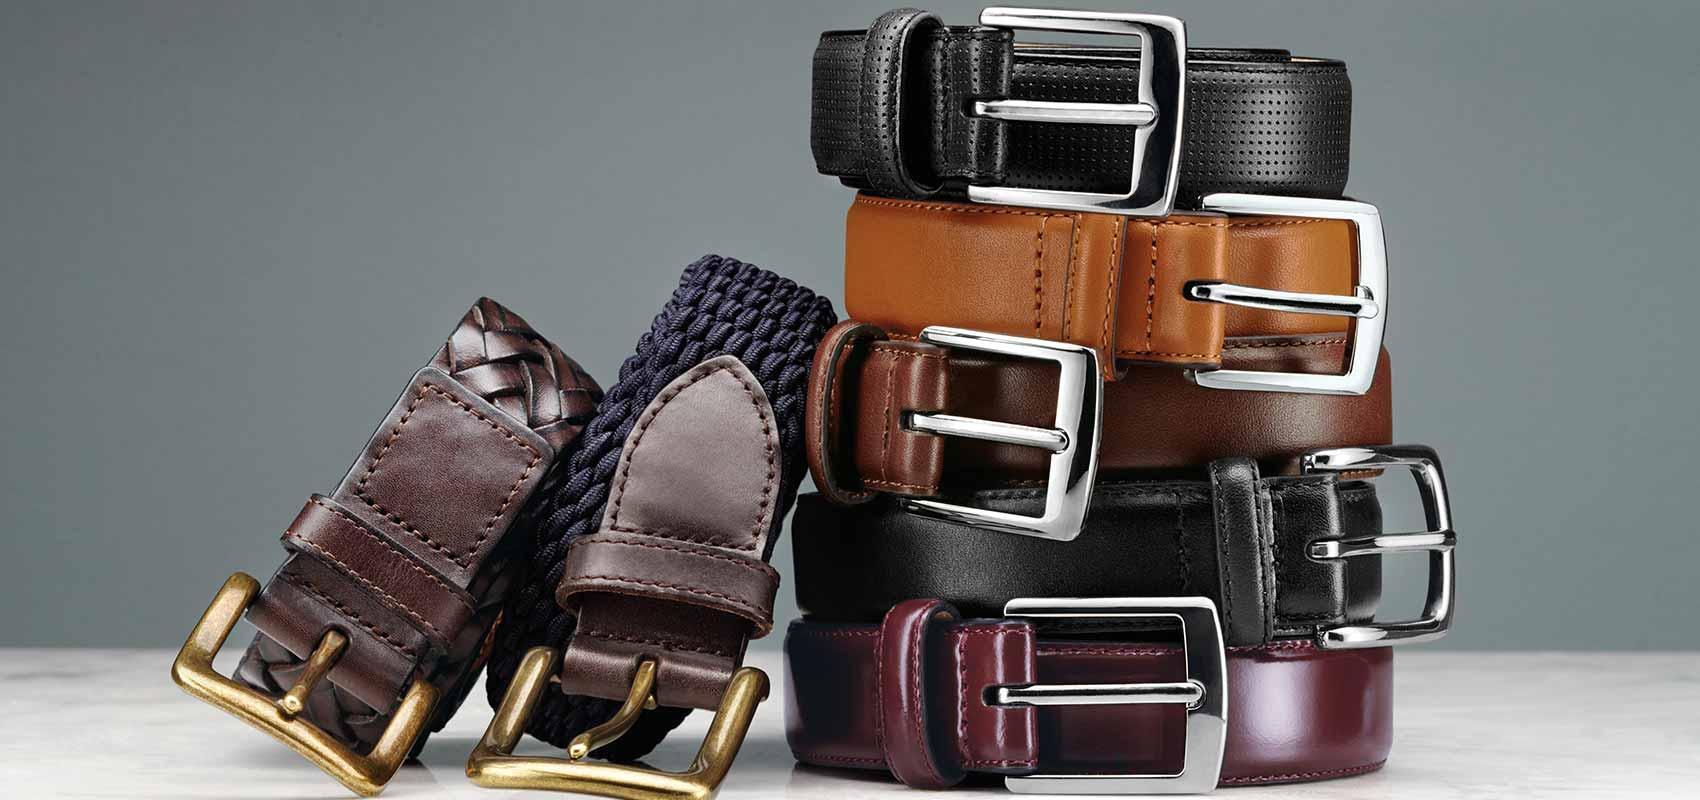 Charles Tyrwhitt Christmas luxury gifts